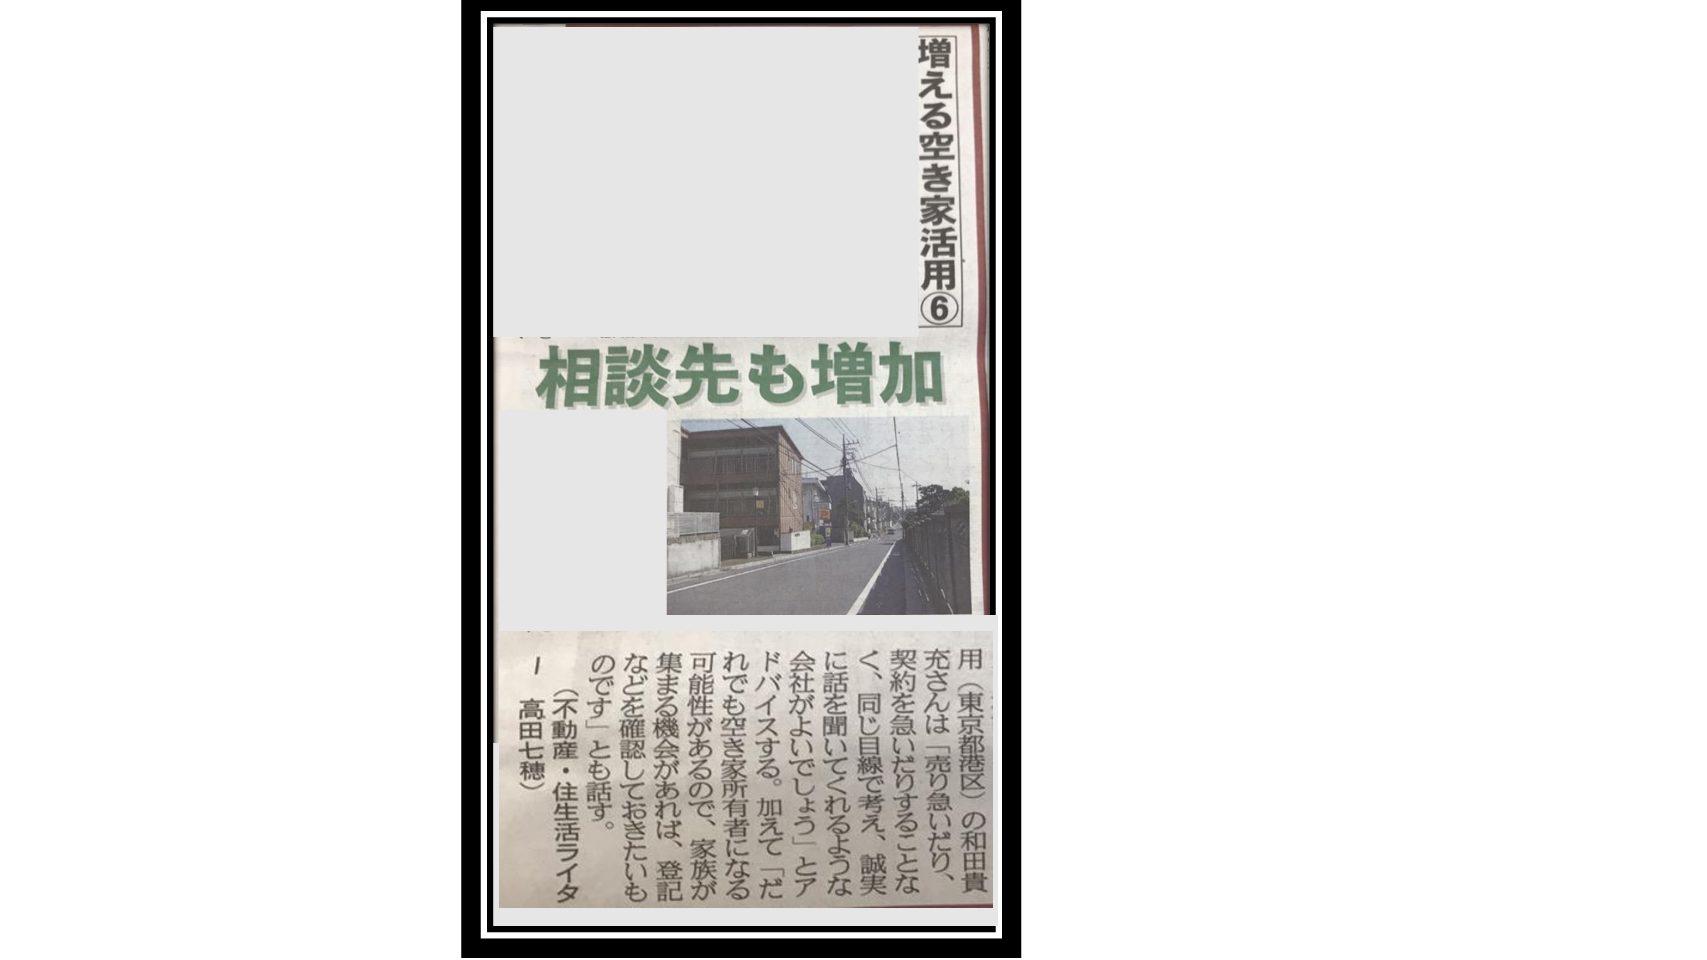 夕刊フジに弊社が掲載されました。